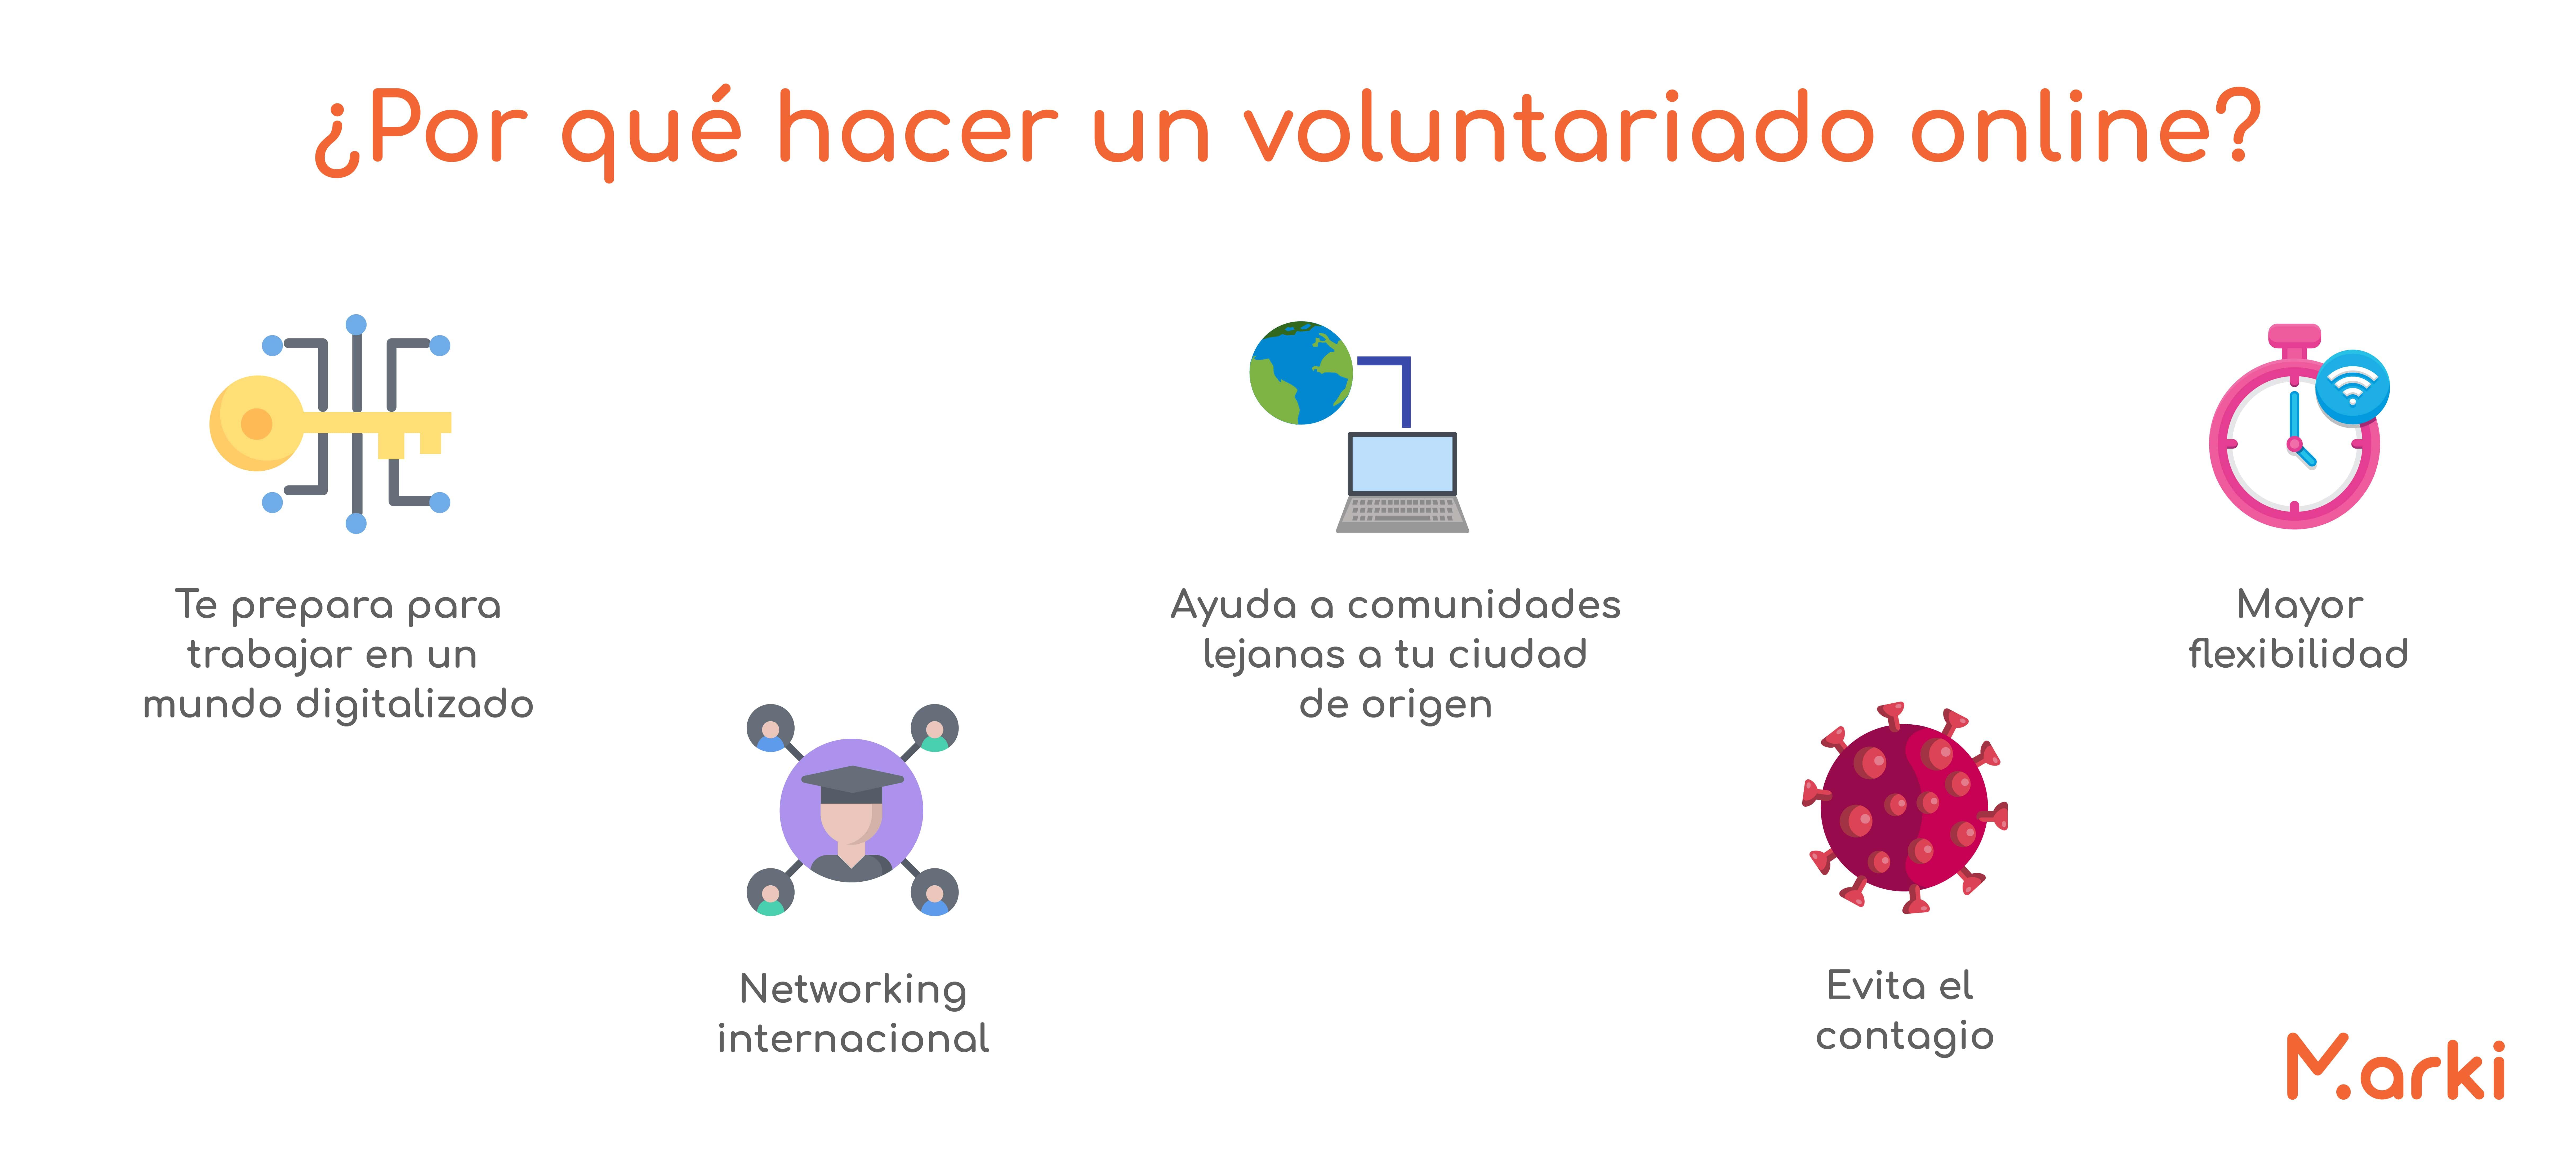 por que hacer un voluntariado online marki programas de voluntariado ser voluntario voluntariado digital voluntariado en linea voluntariado marki voluntariado mexico voluntariado online voluntariado peru voluntariado virtual